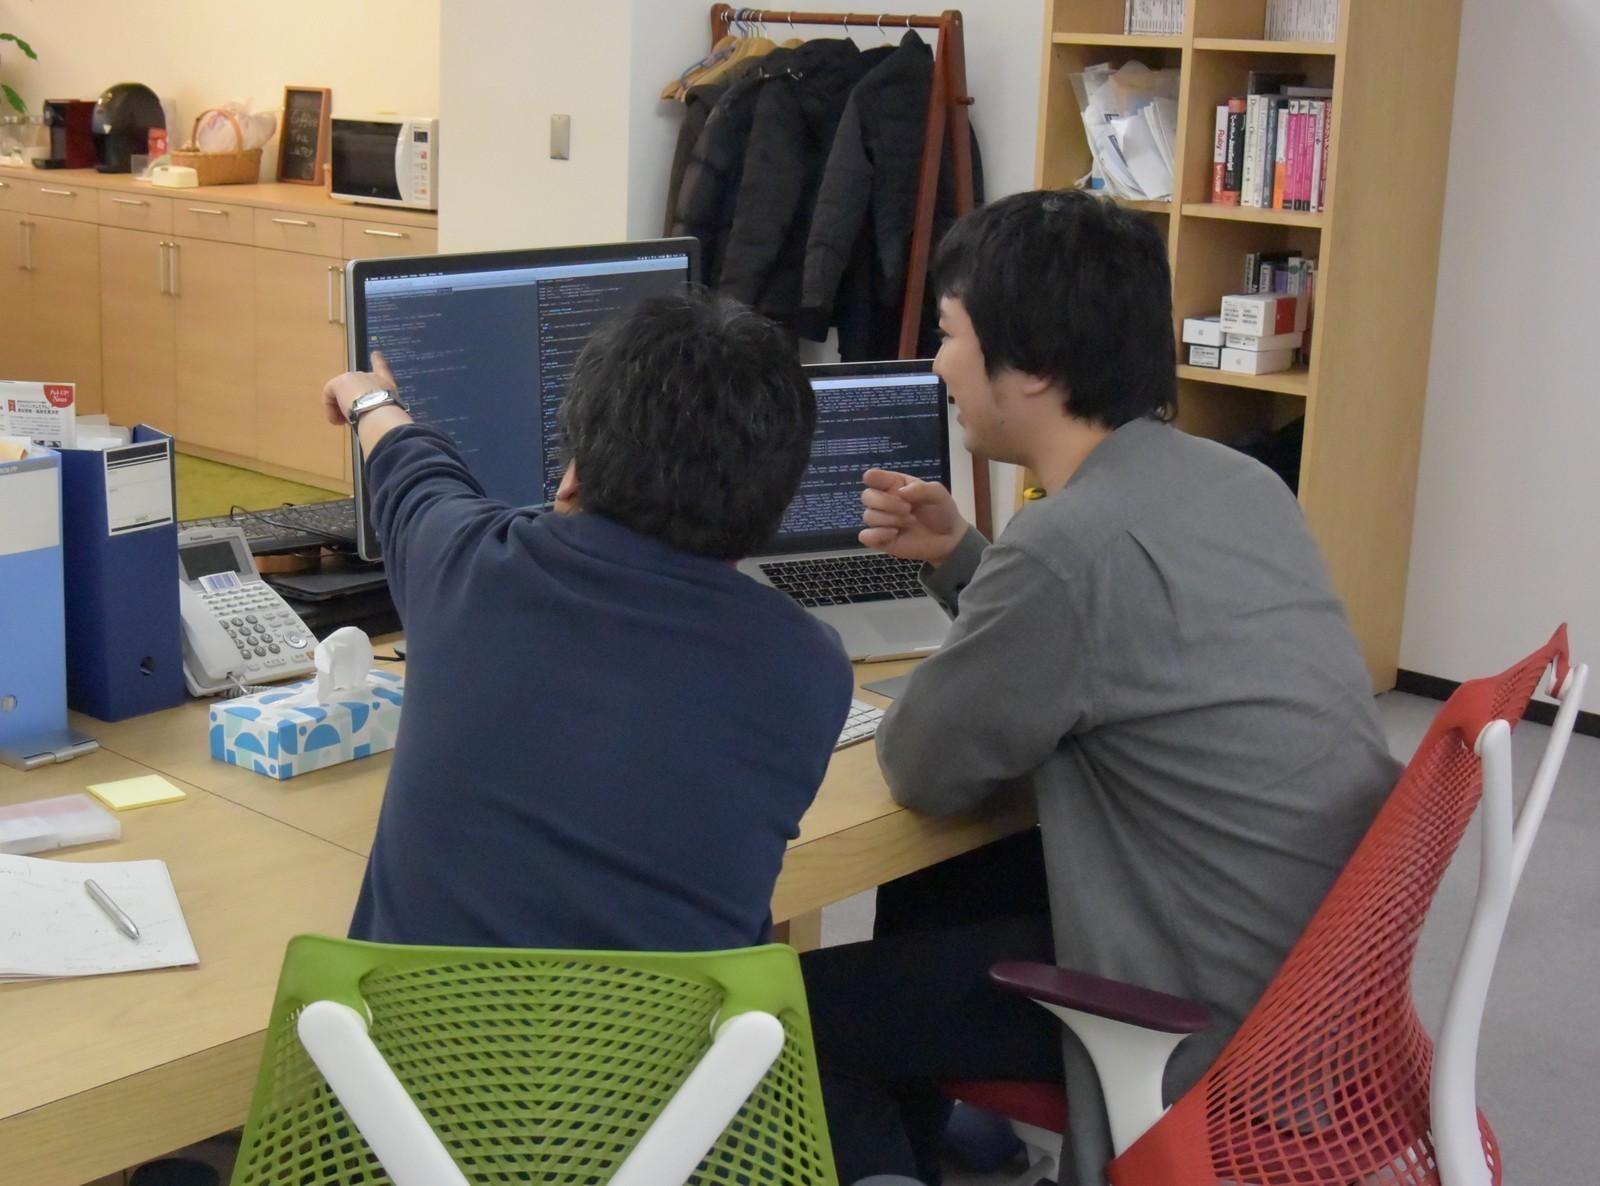 【100%自社開発】日本発マーケティングサービスを世界に発進する リードサーバサイドエンジニア